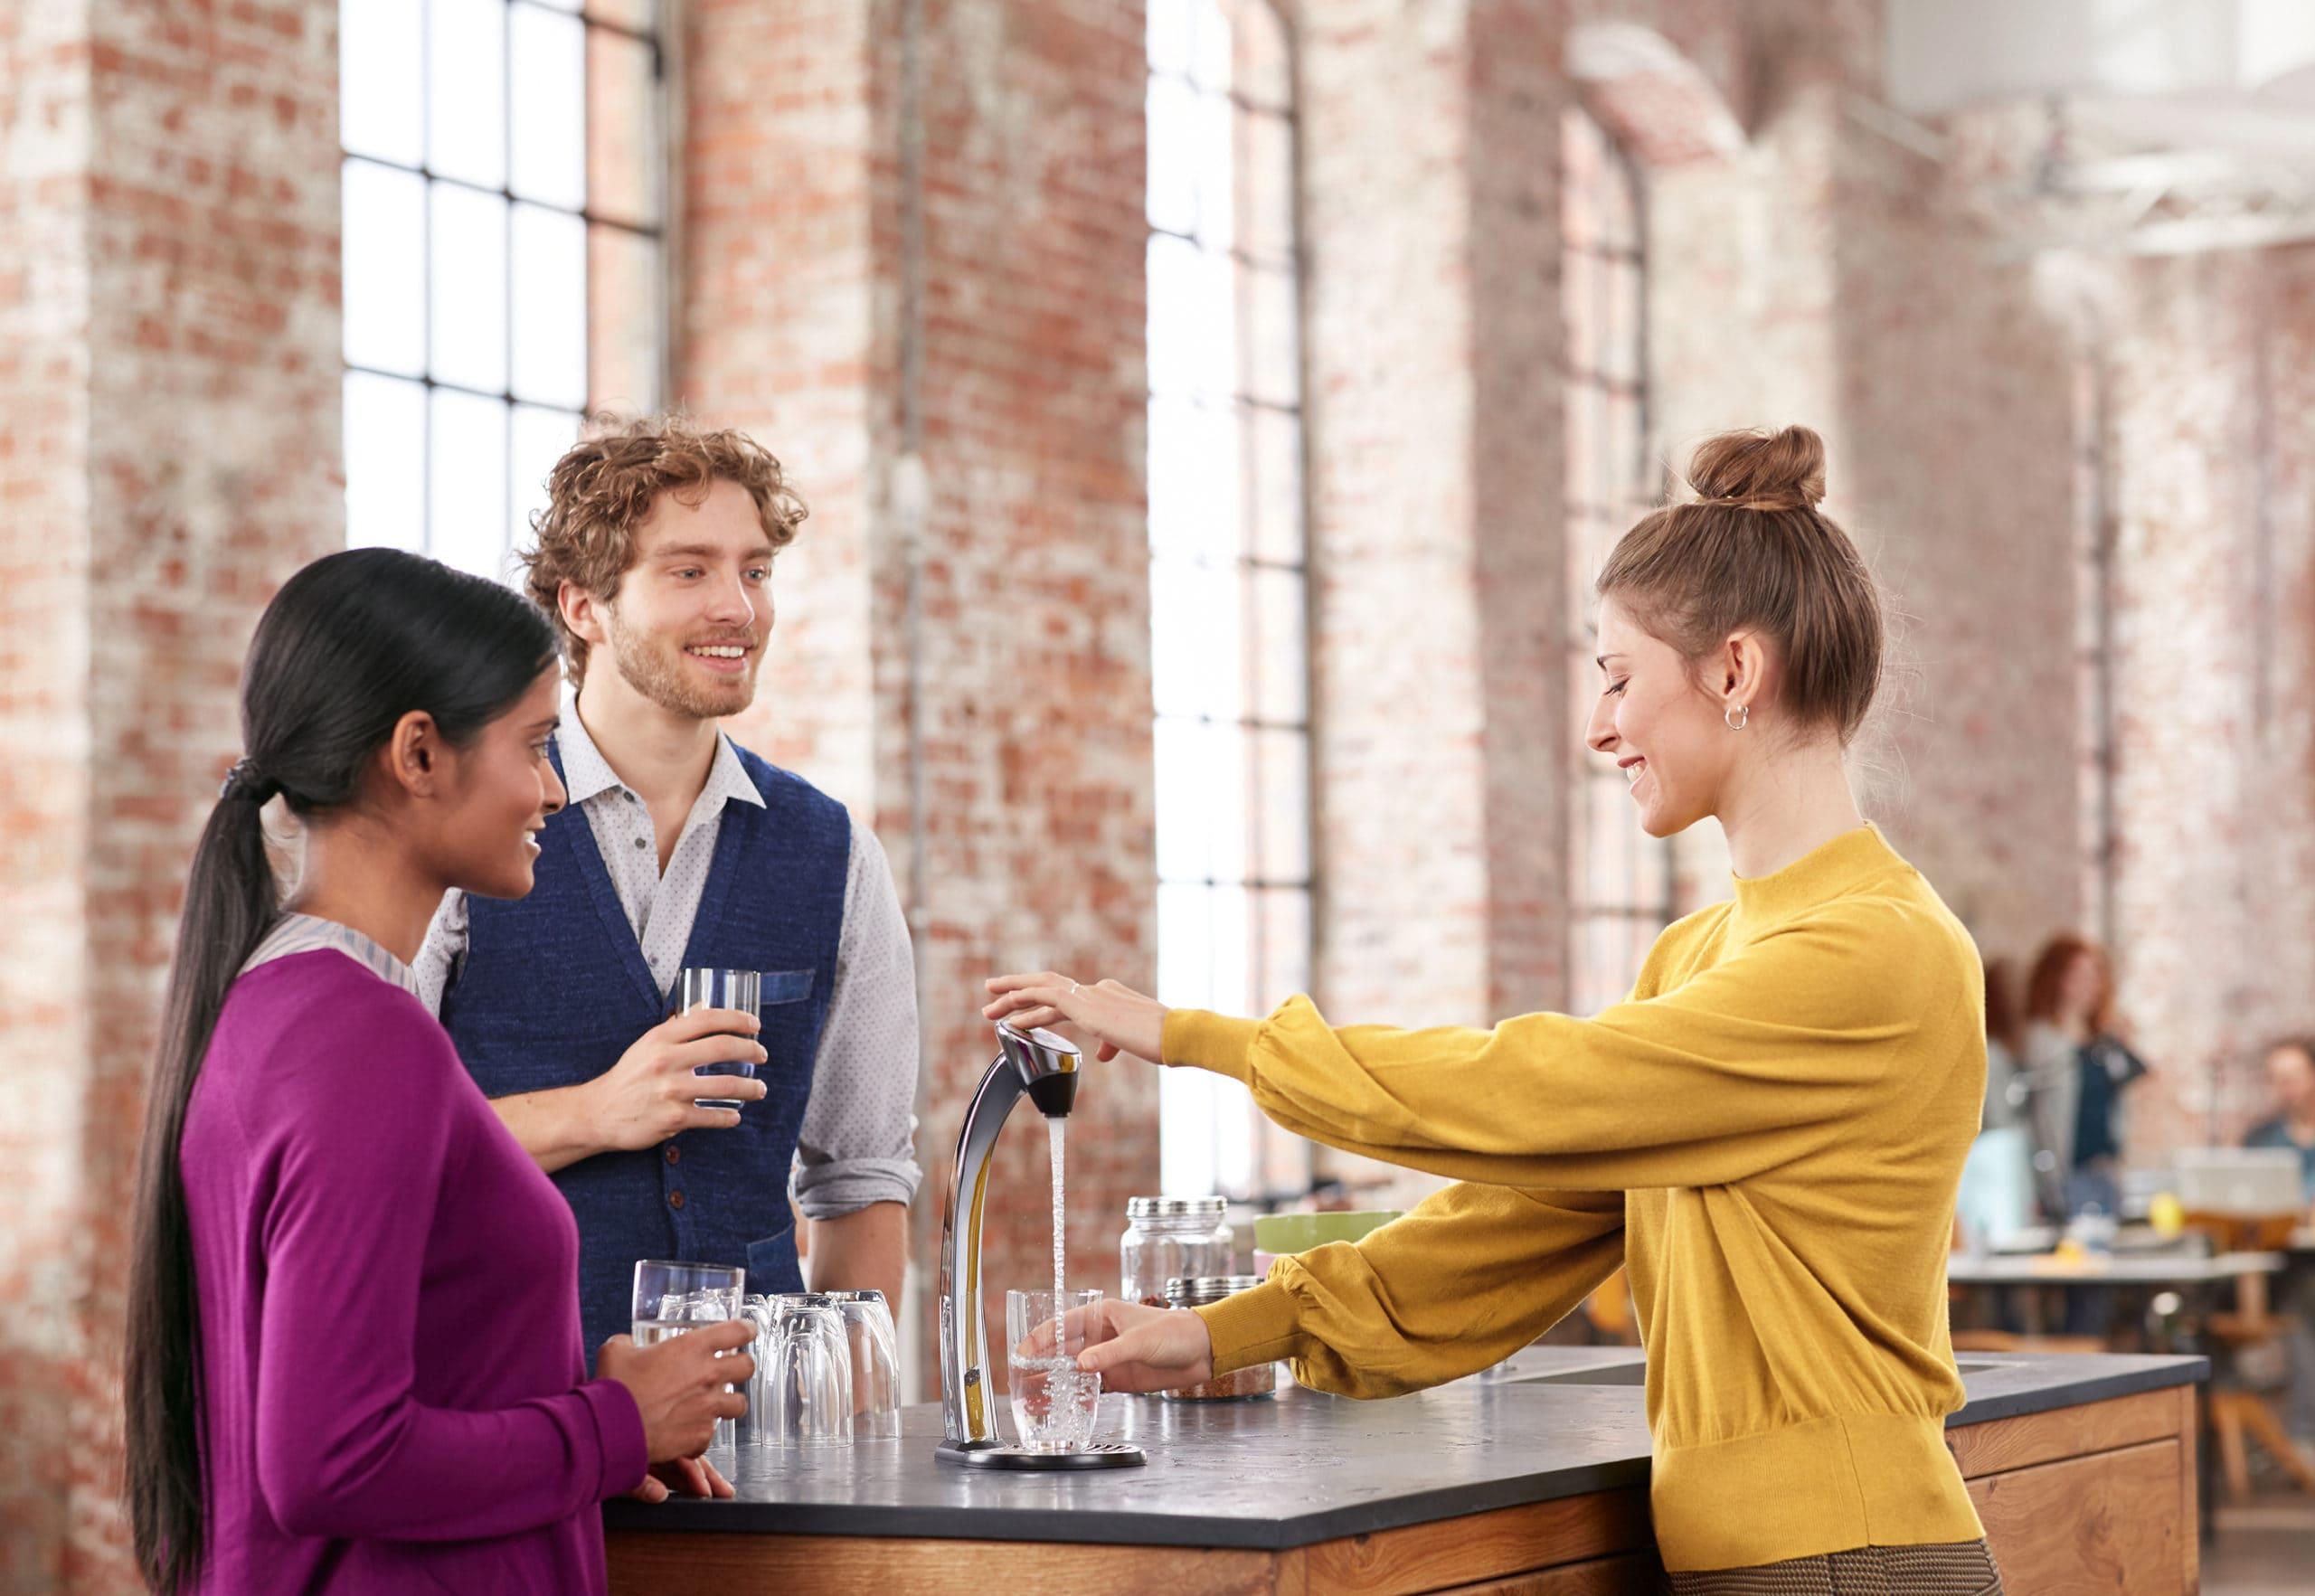 Рекомендации для клиентов и партнеров по работе с оборудованием